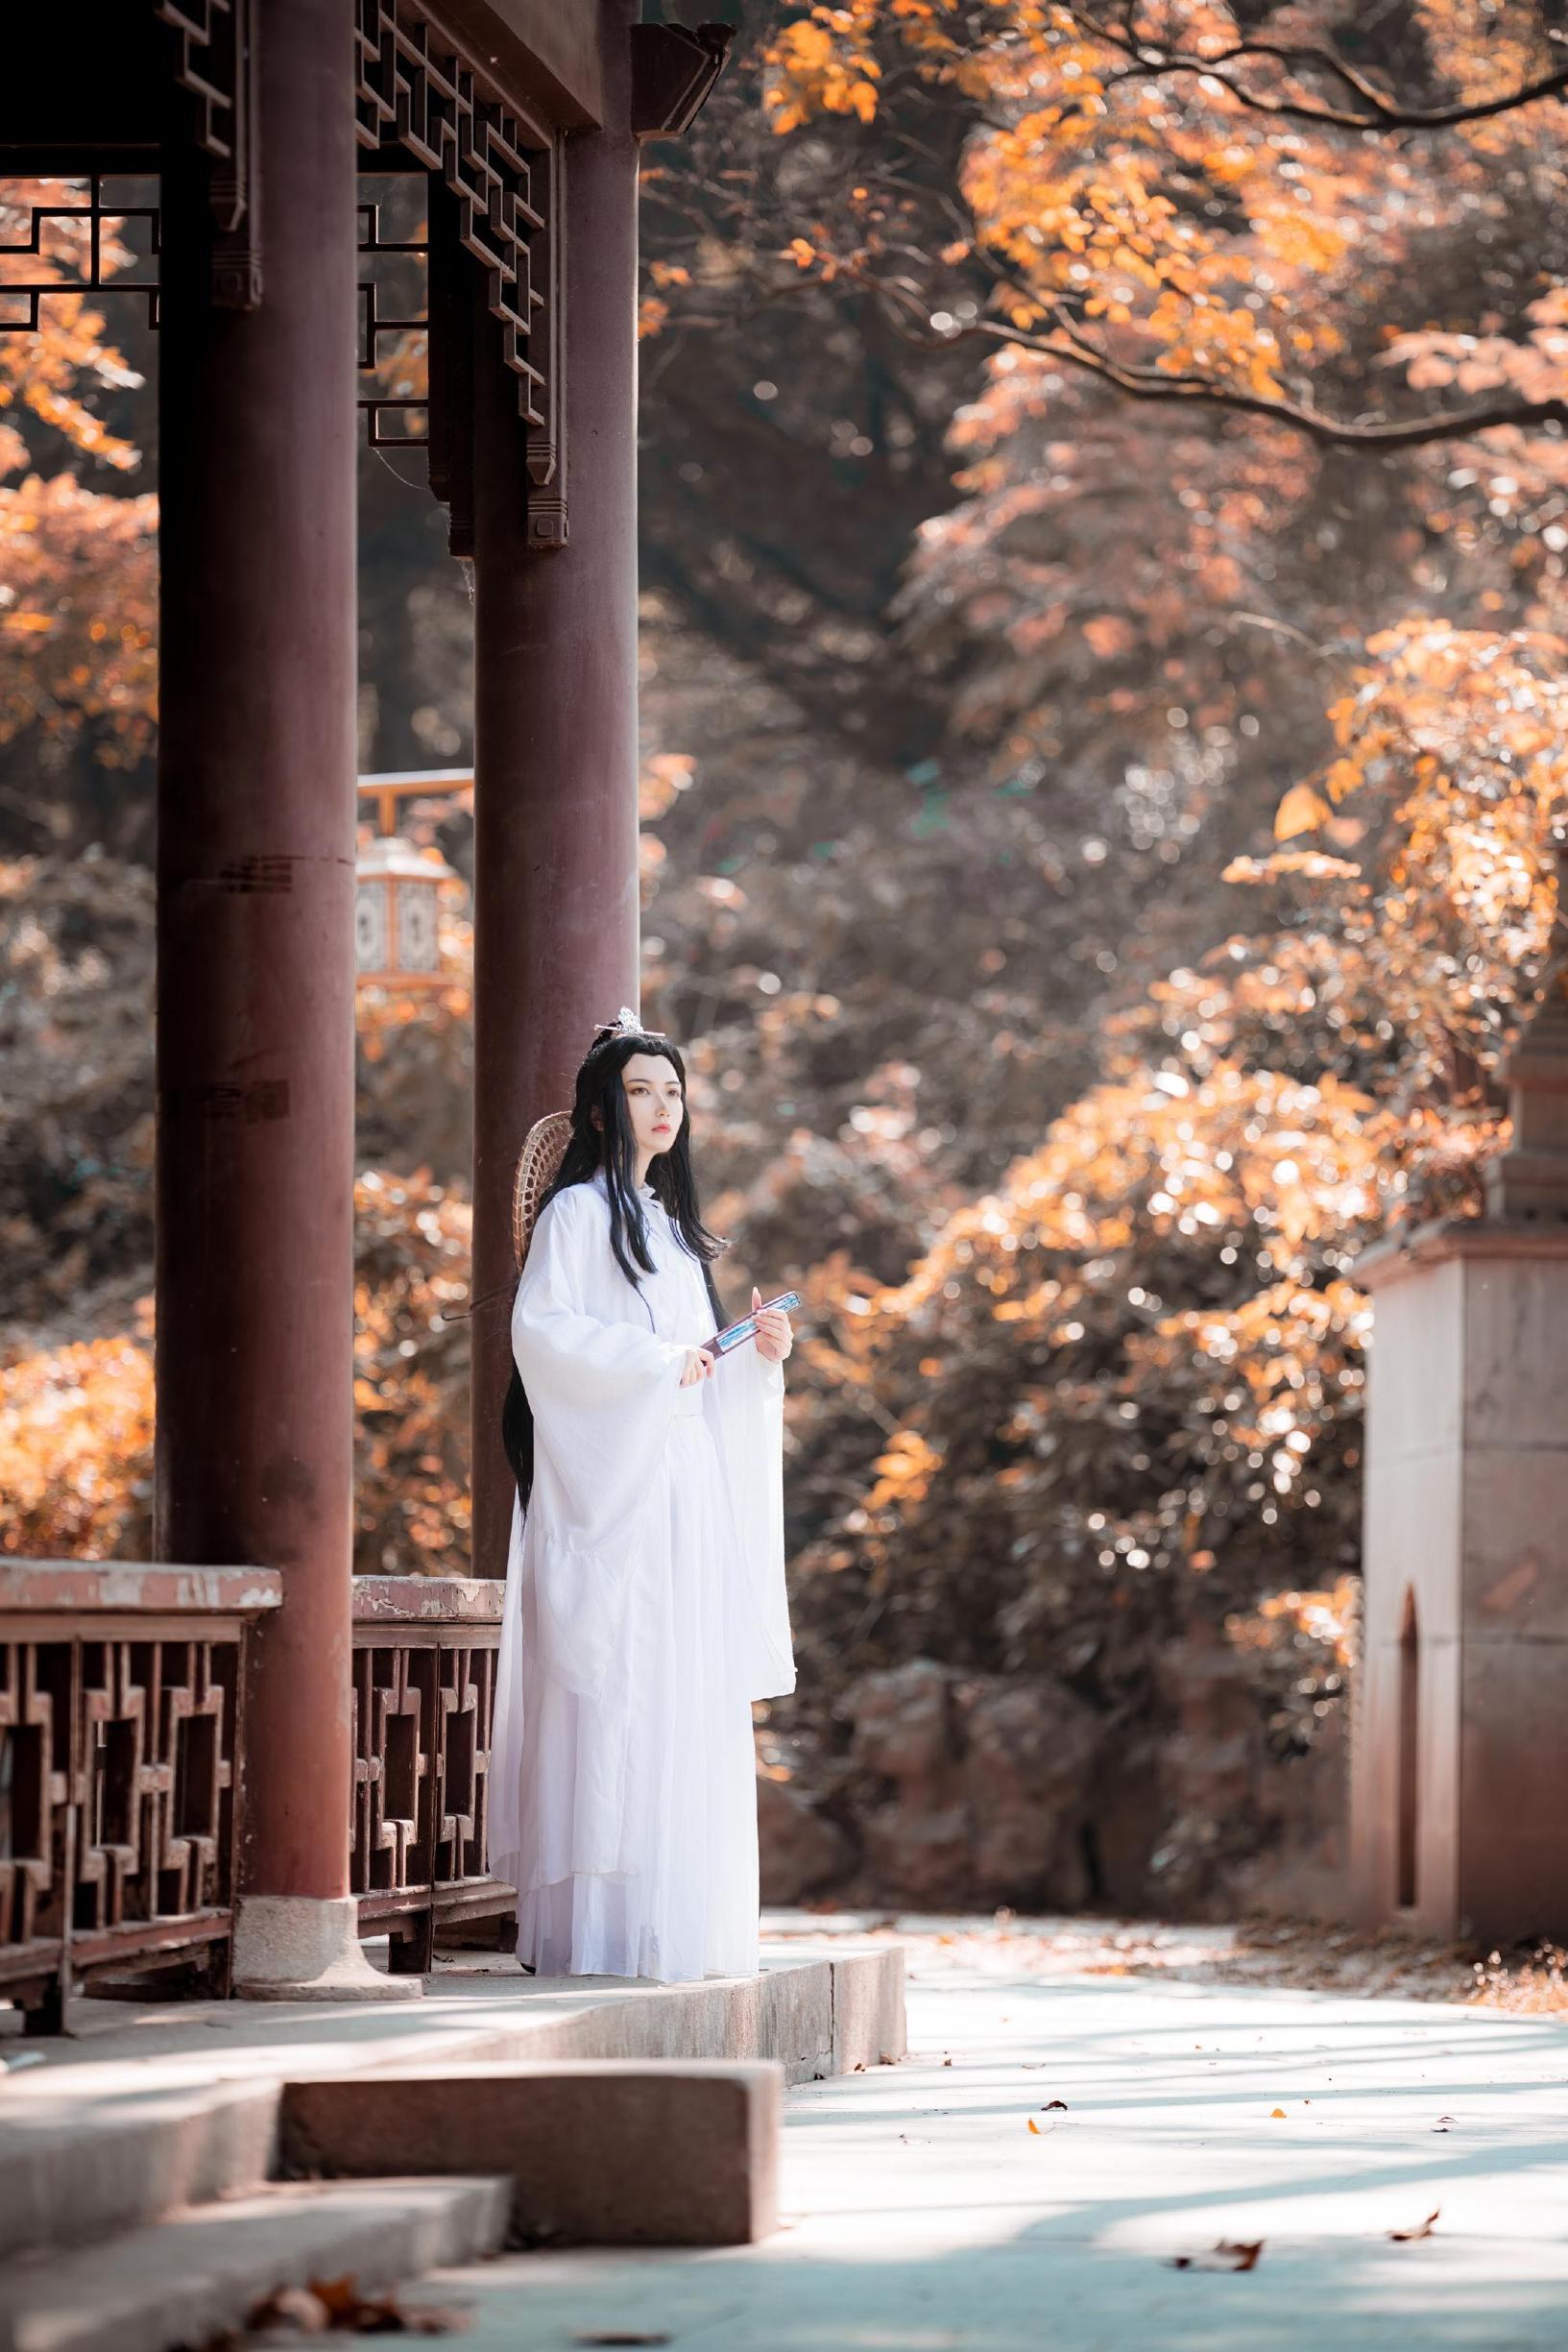 《天官赐福》正片摄影cosplay【CN:北决绝绝子】-第6张